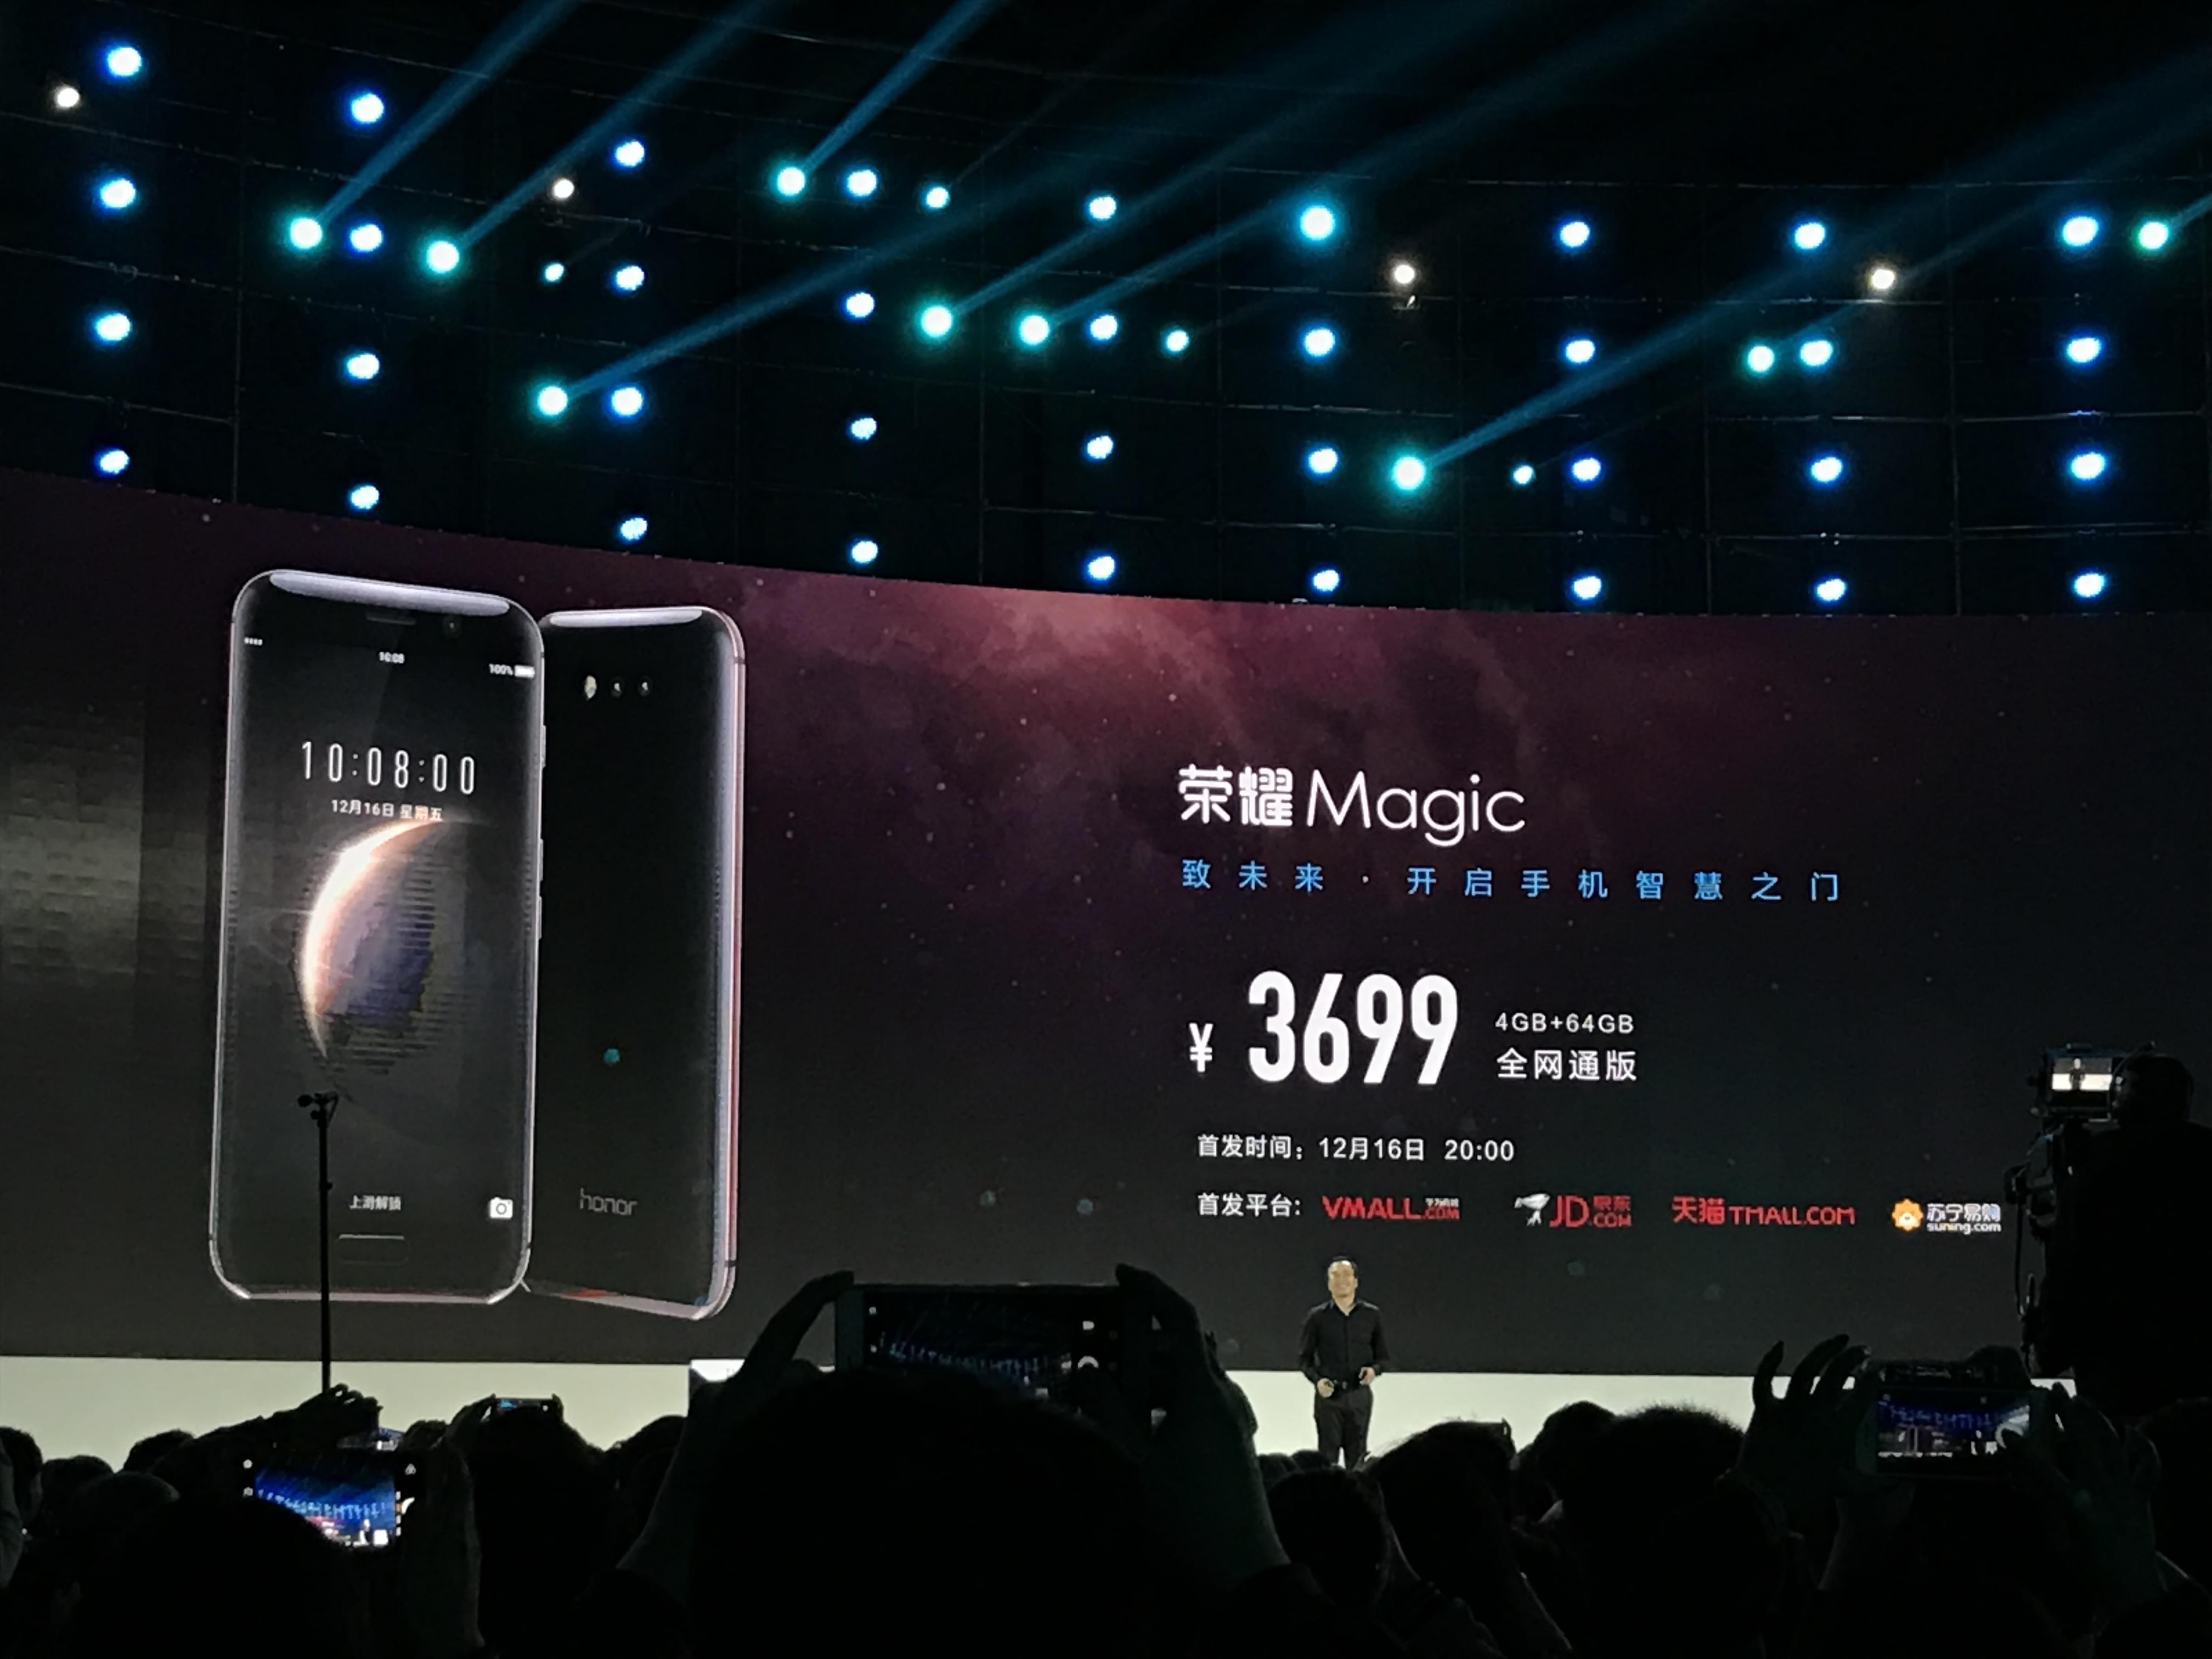 荣耀Magic发布:华为自研闪充 售价3699元的照片 - 12